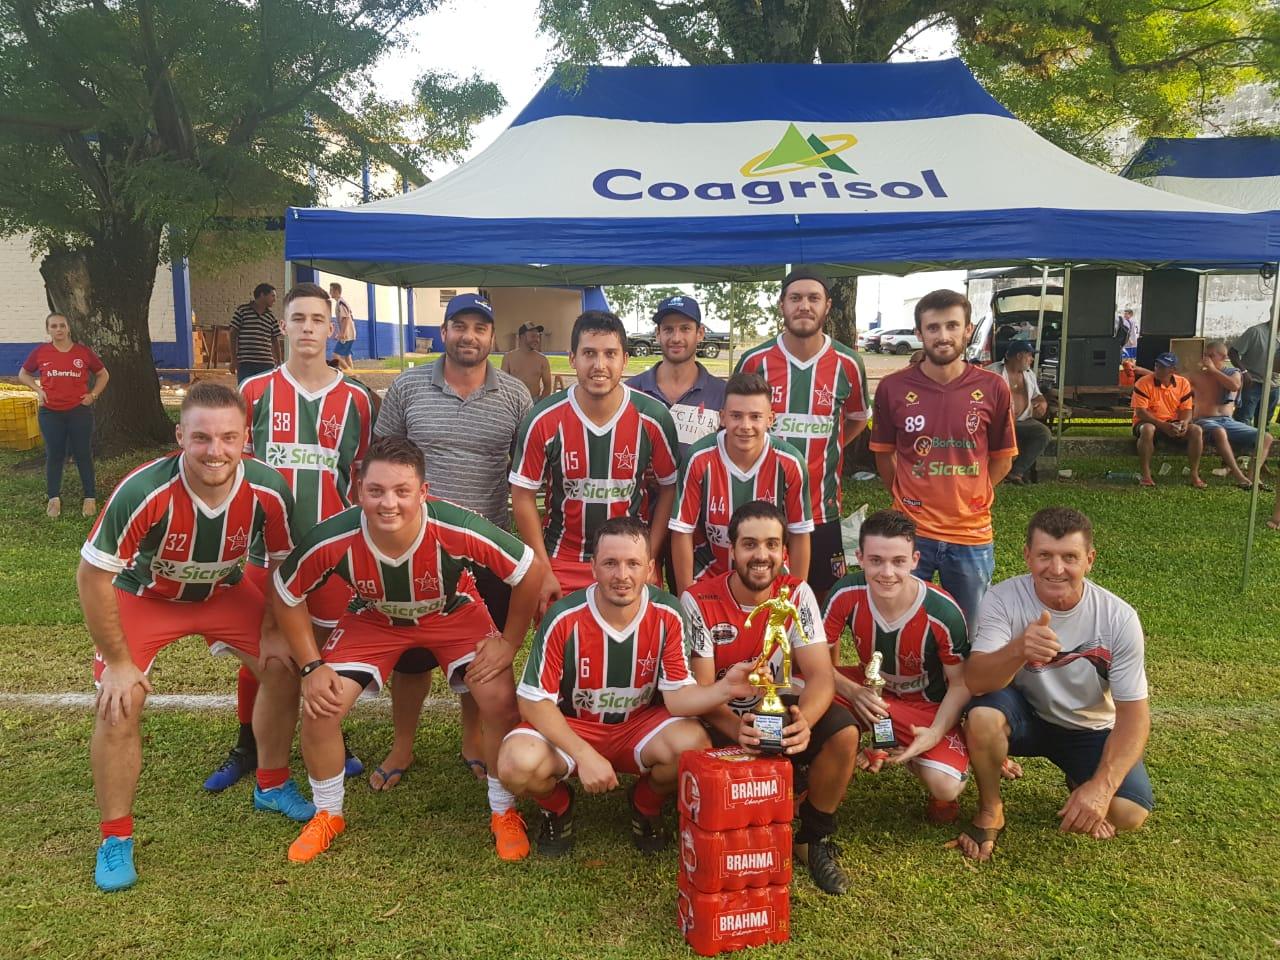 Esporte e cooperação marcaram o 29º Torneio de Futebol da Coagrisol em Mormaço